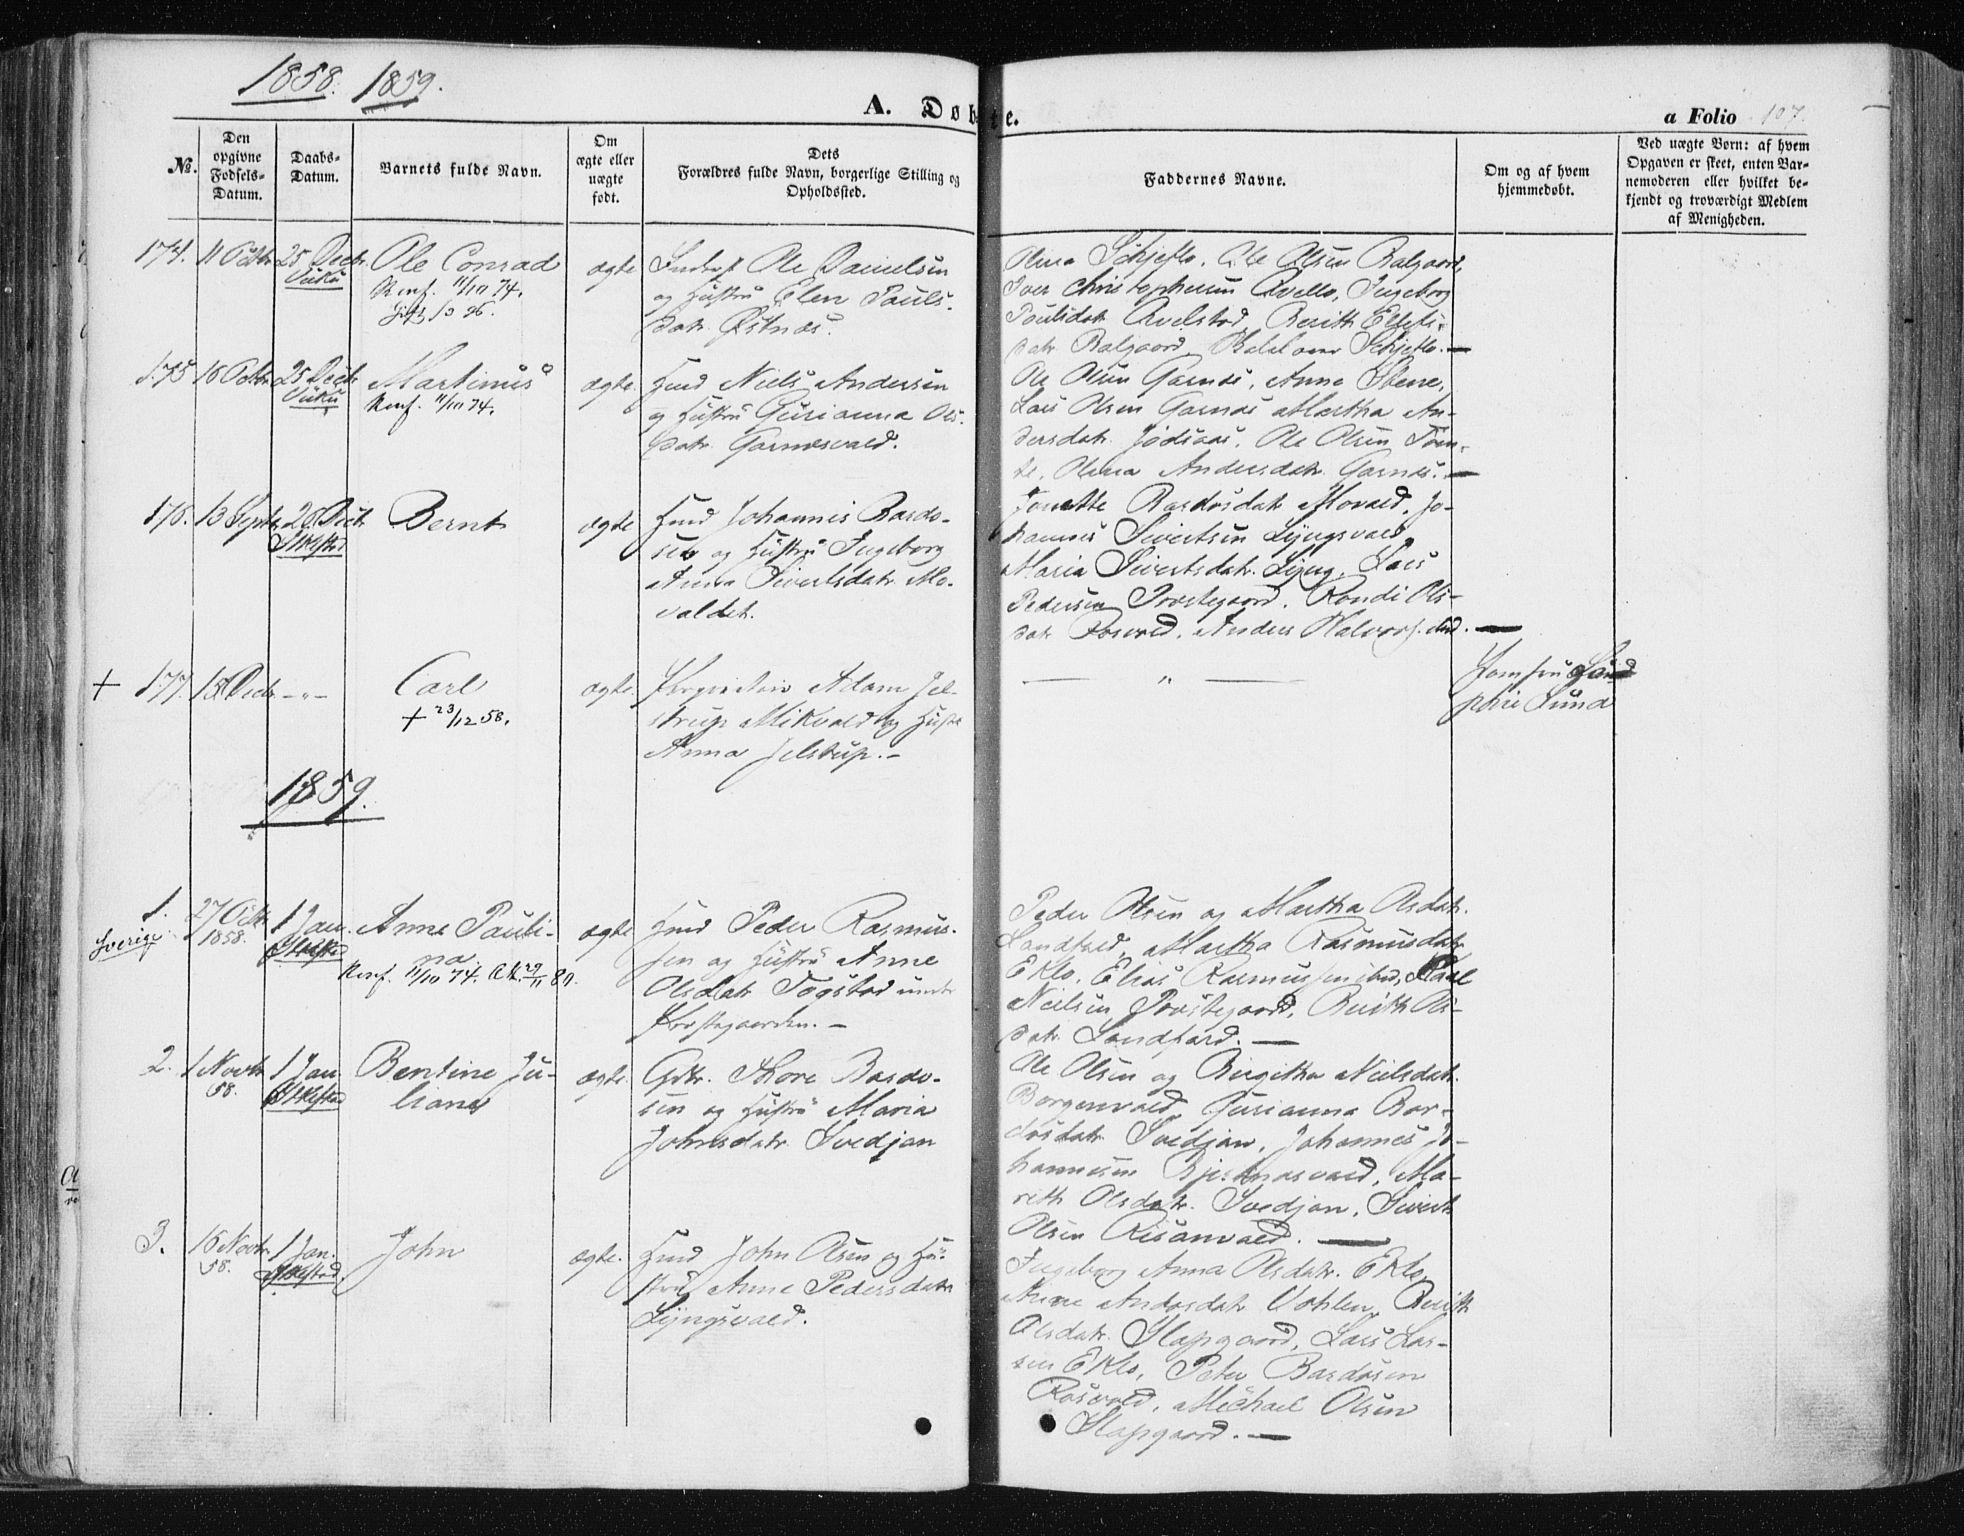 SAT, Ministerialprotokoller, klokkerbøker og fødselsregistre - Nord-Trøndelag, 723/L0240: Ministerialbok nr. 723A09, 1852-1860, s. 107